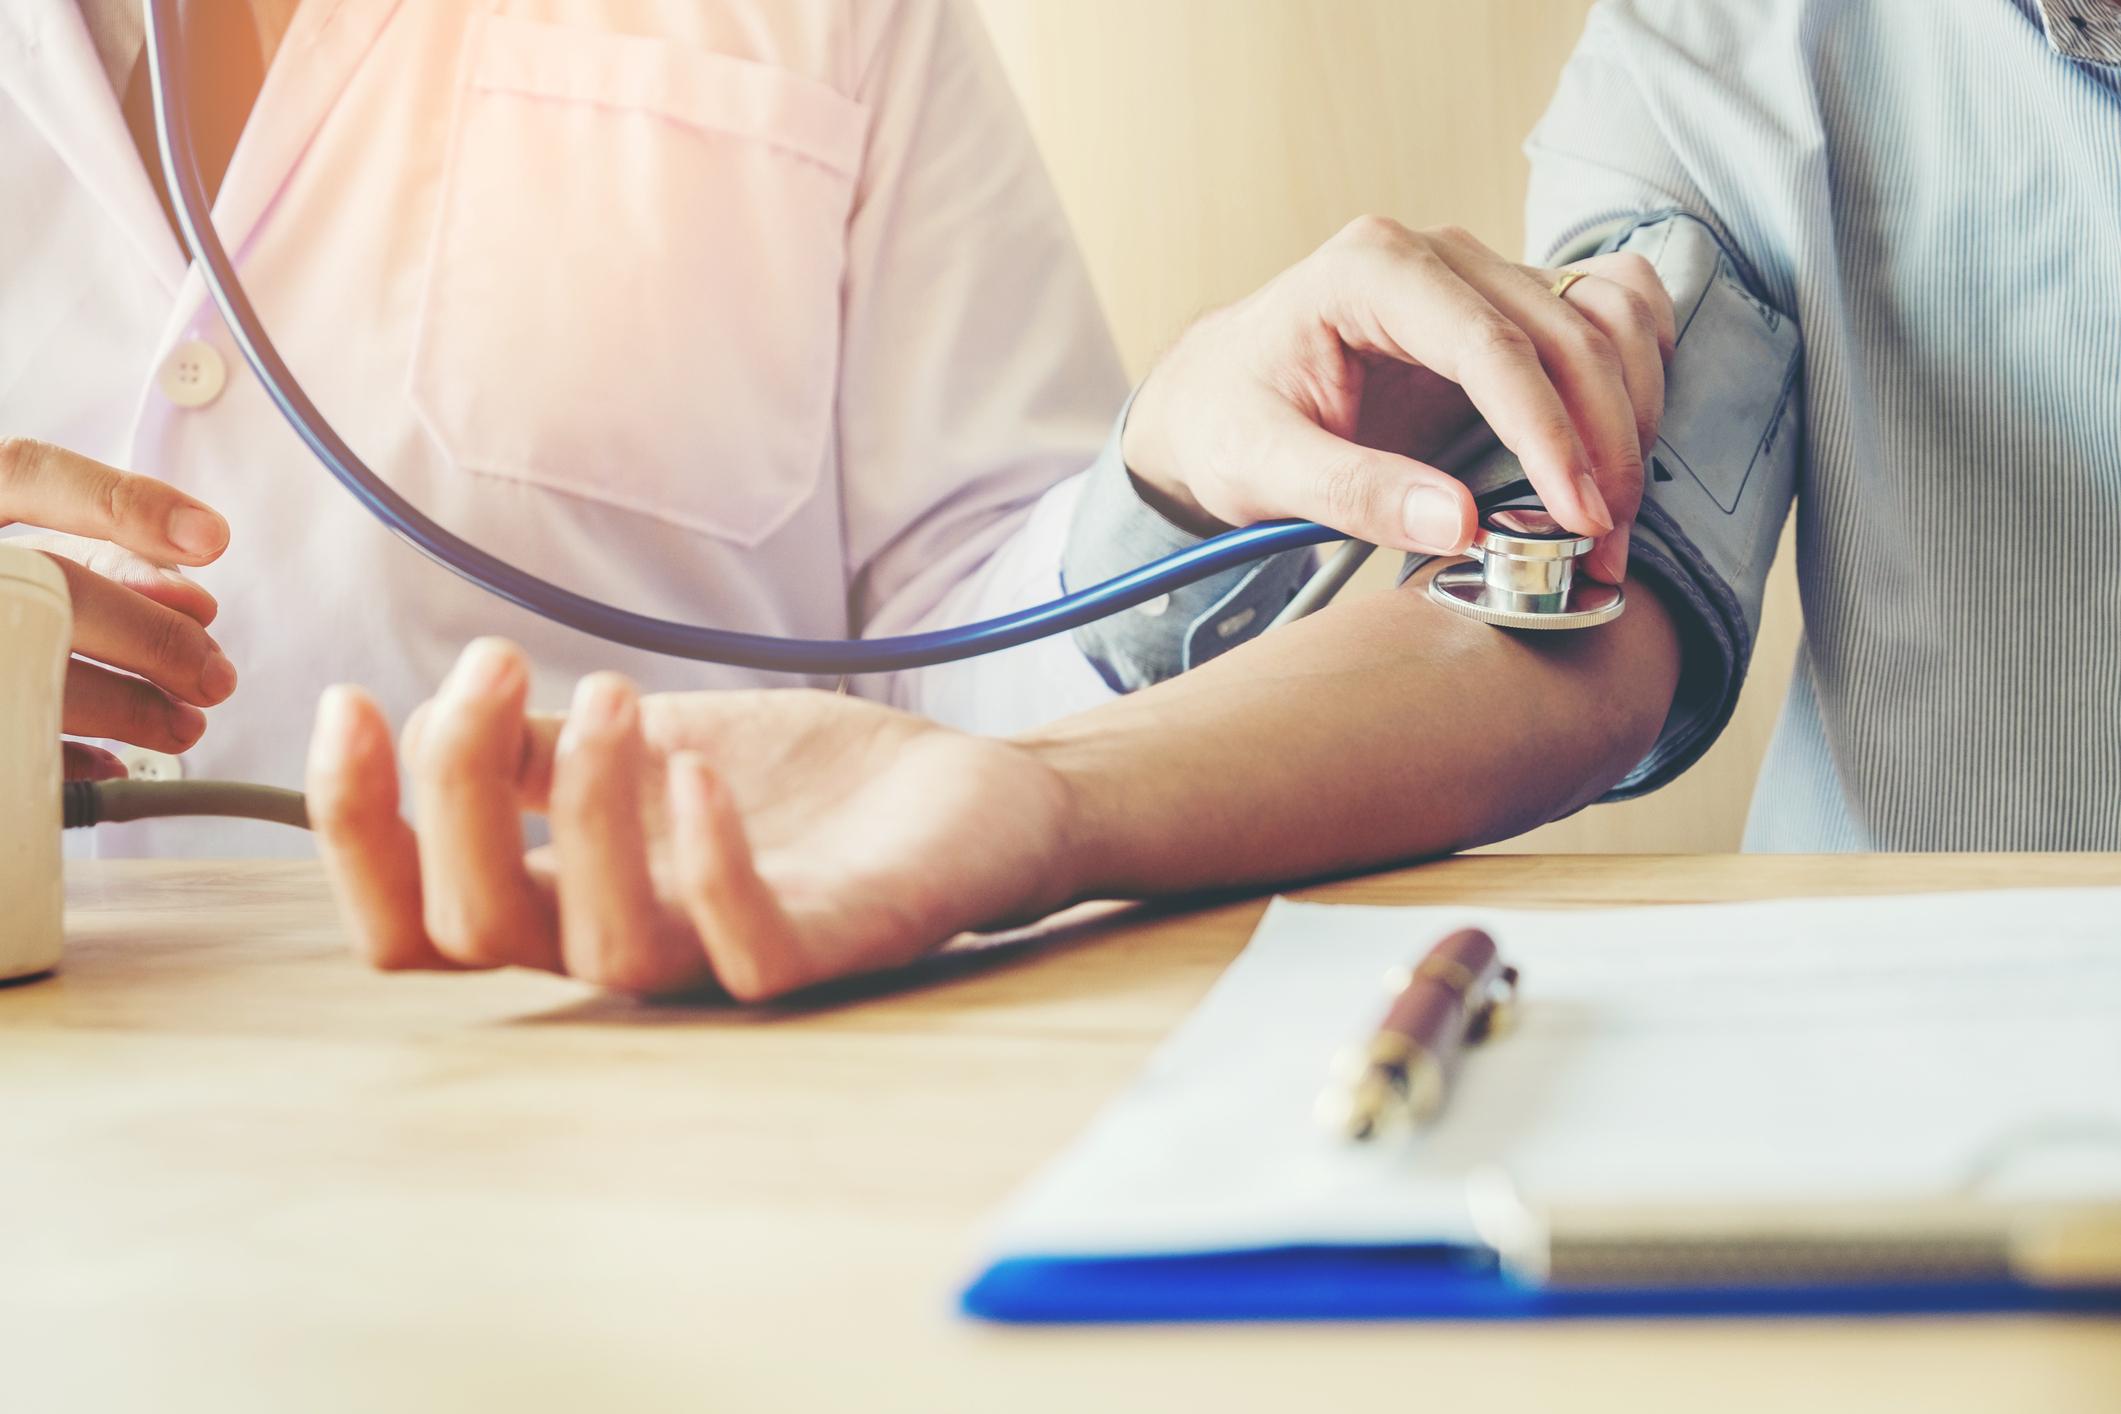 Cuidar da saúde do coração é fundamental para ter uma vida saudável quando mais velho. Veja dicas para preparar o seu organismo e o seu coração.